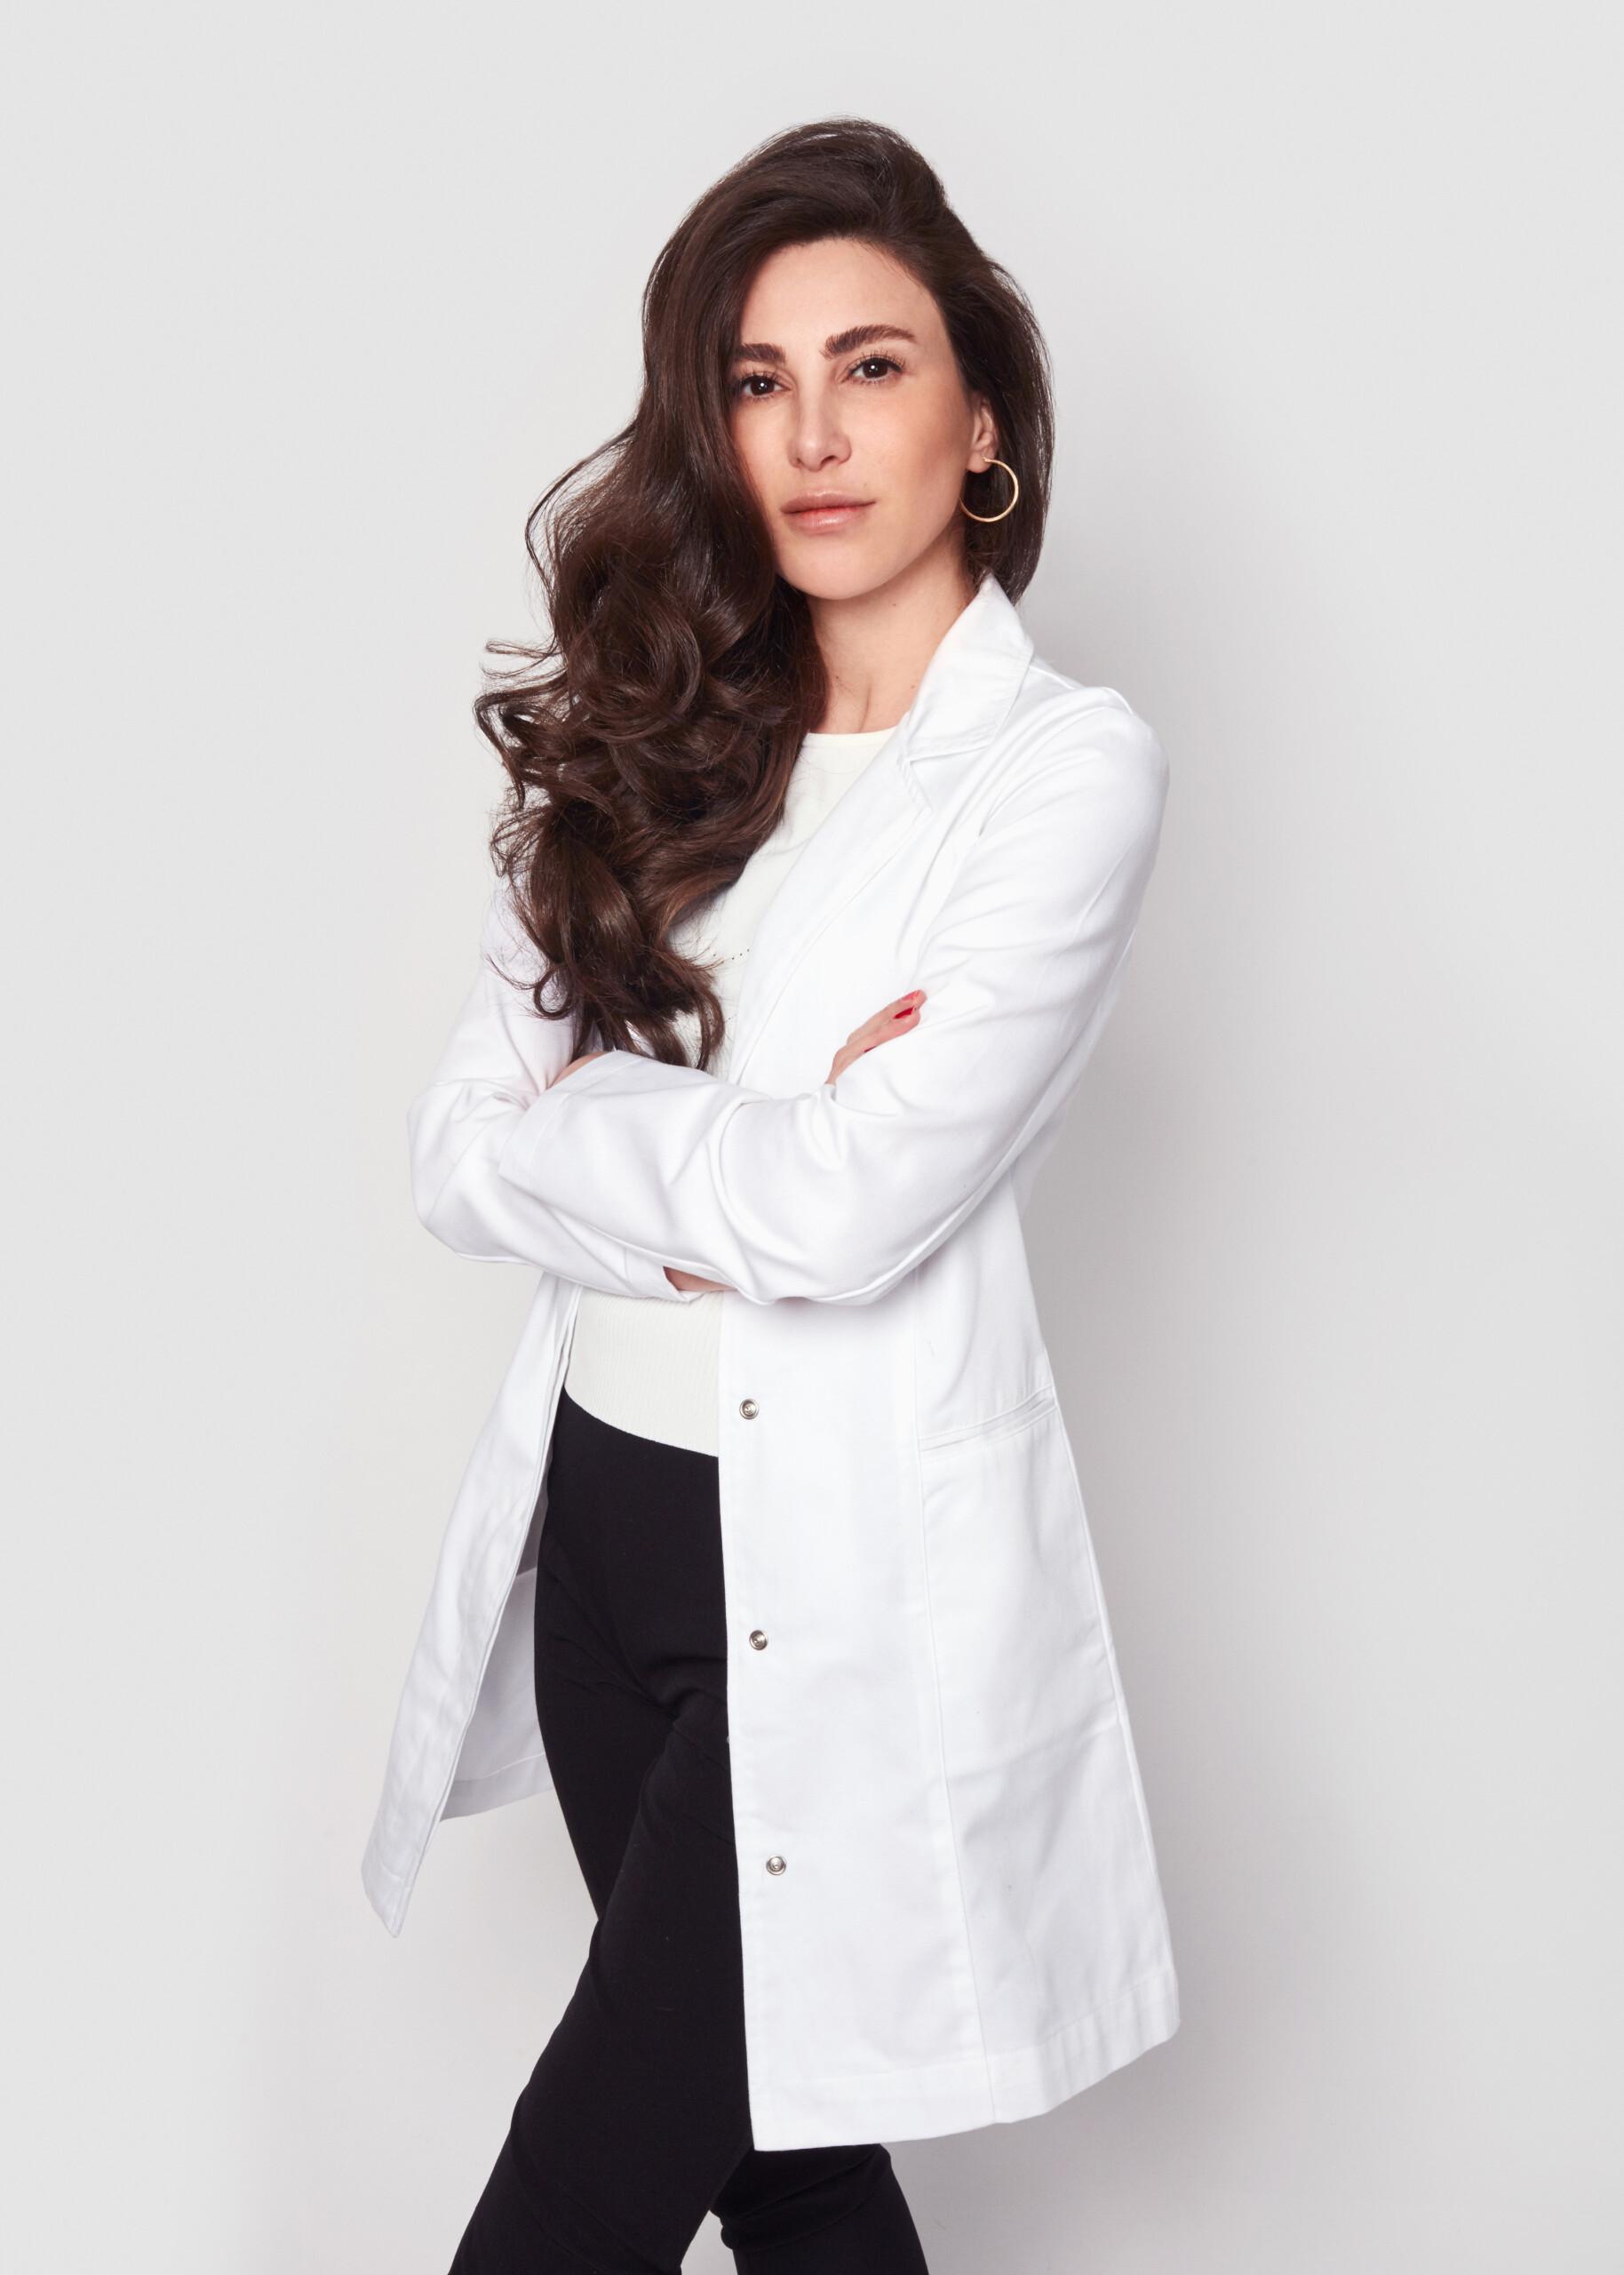 Dr. Emi Arpa